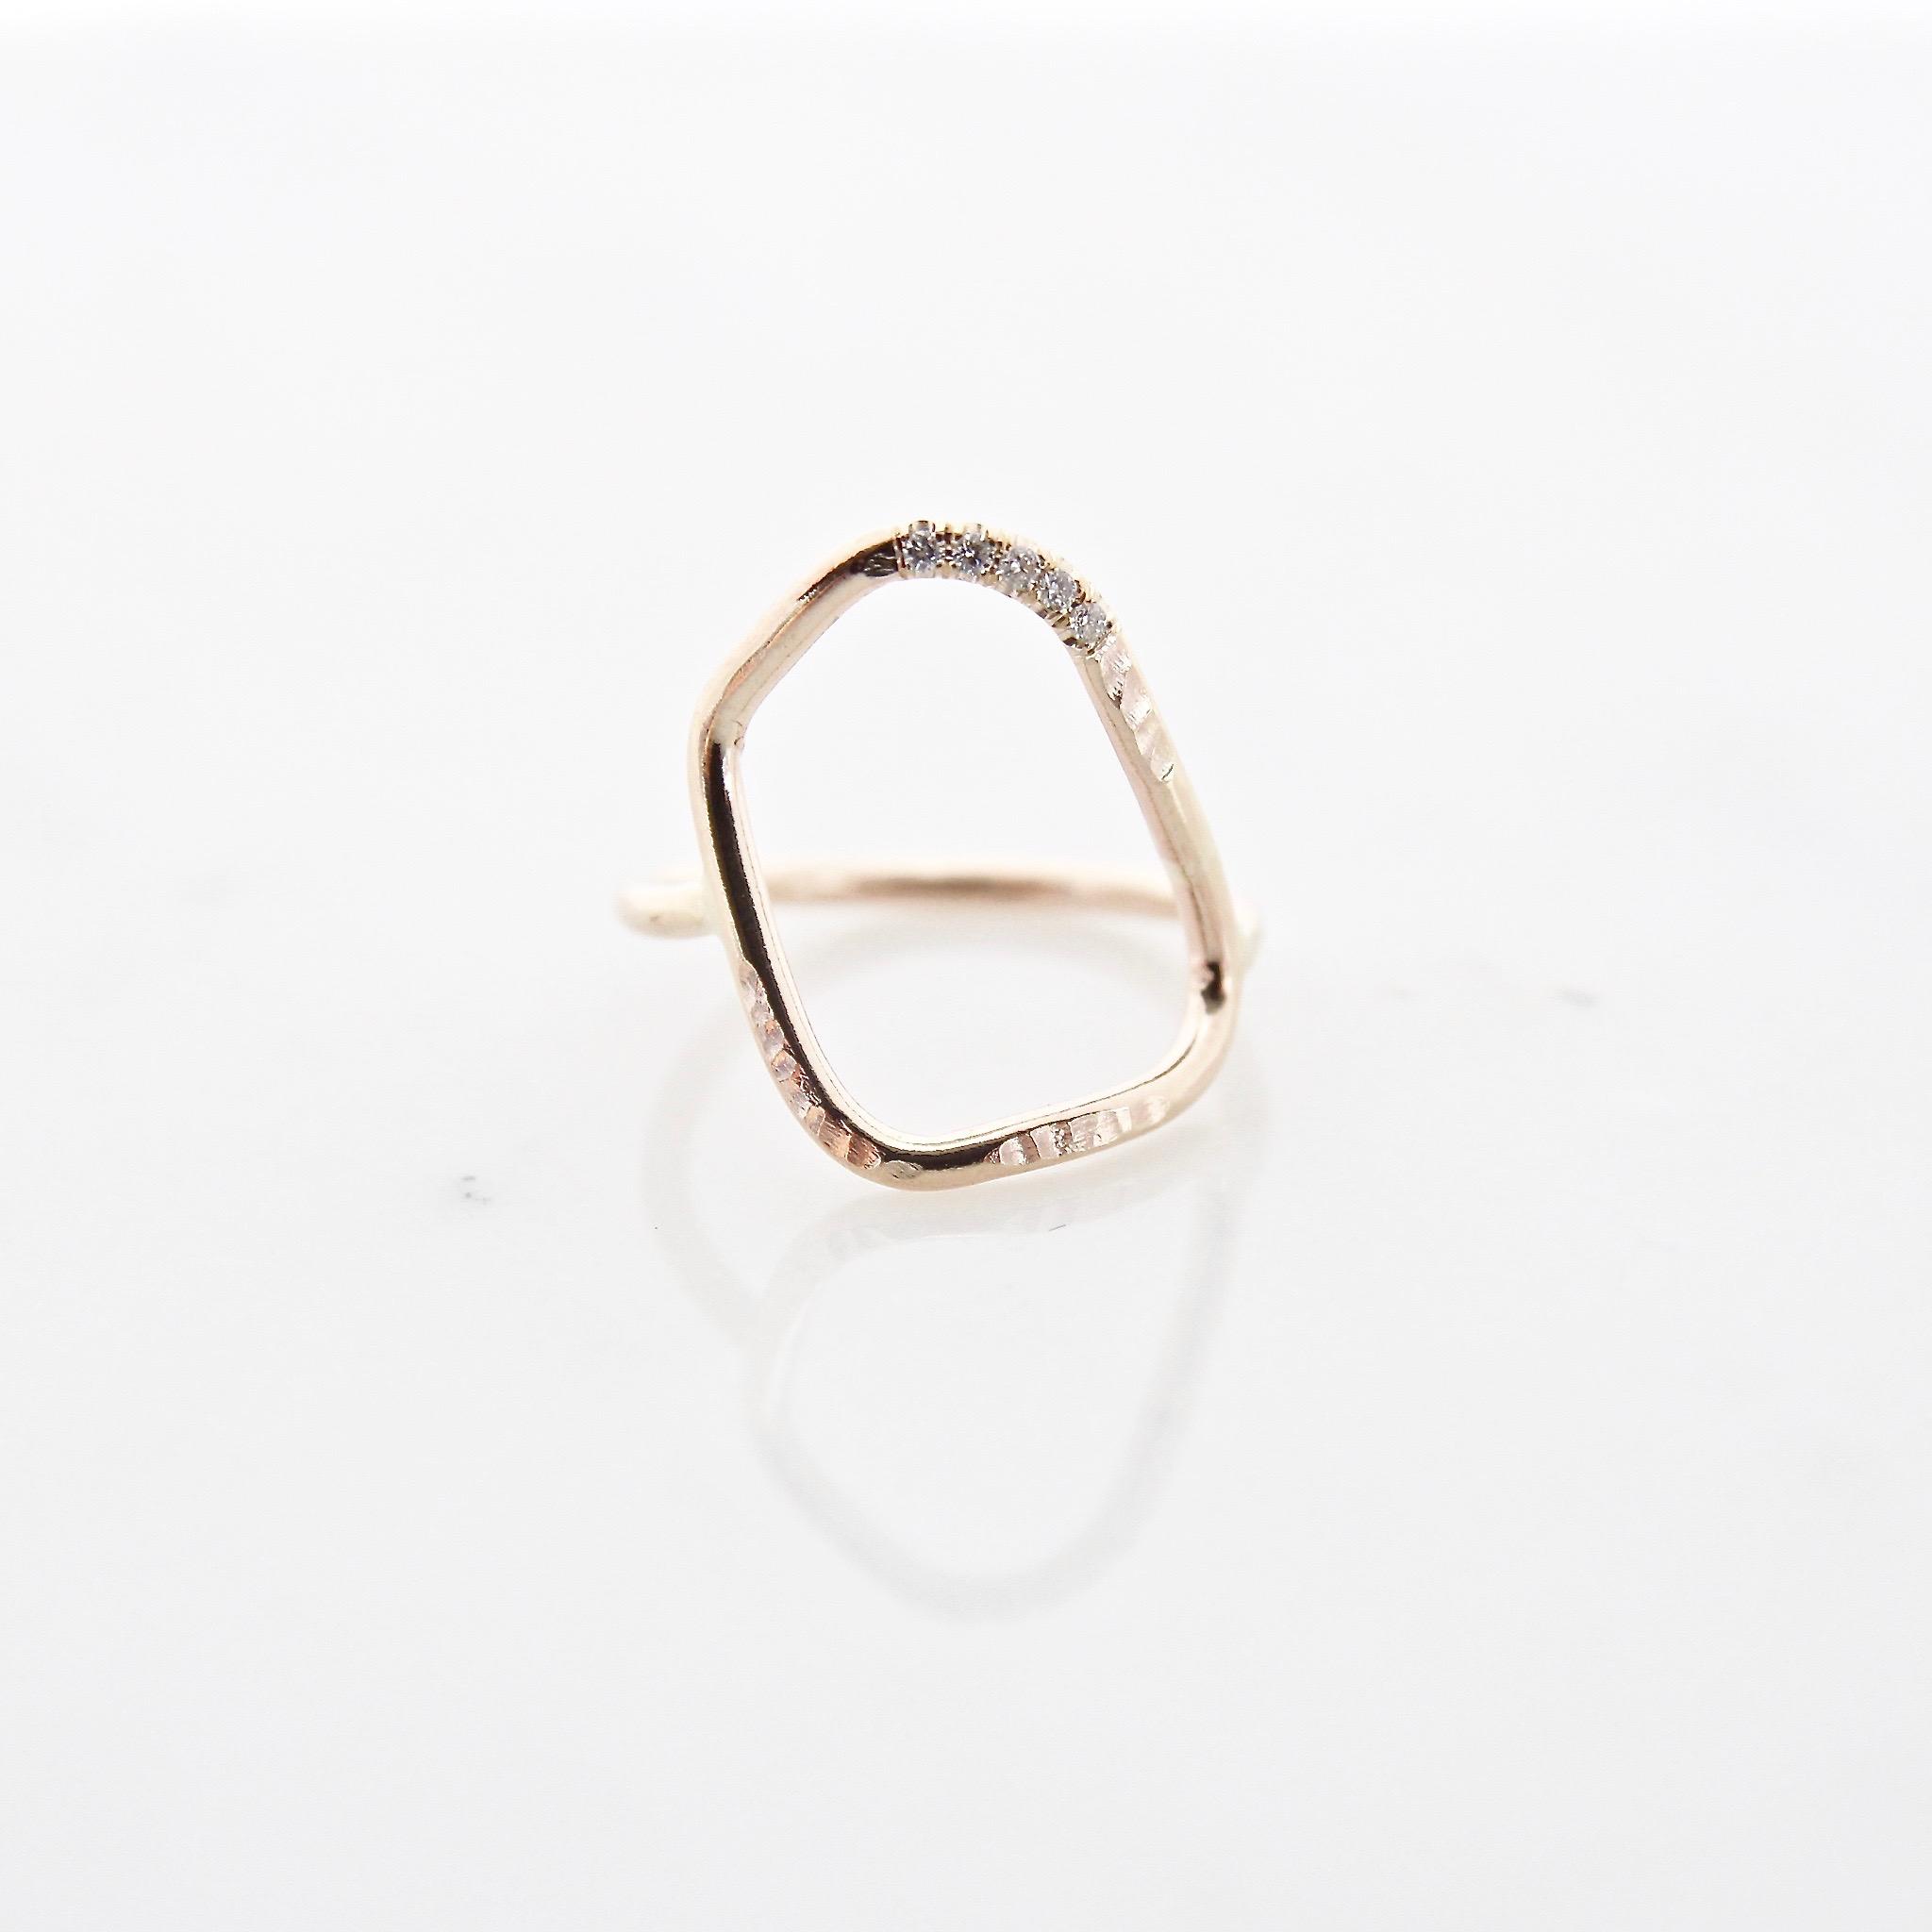 10k yellow gold geo ring with 5 white diamonds